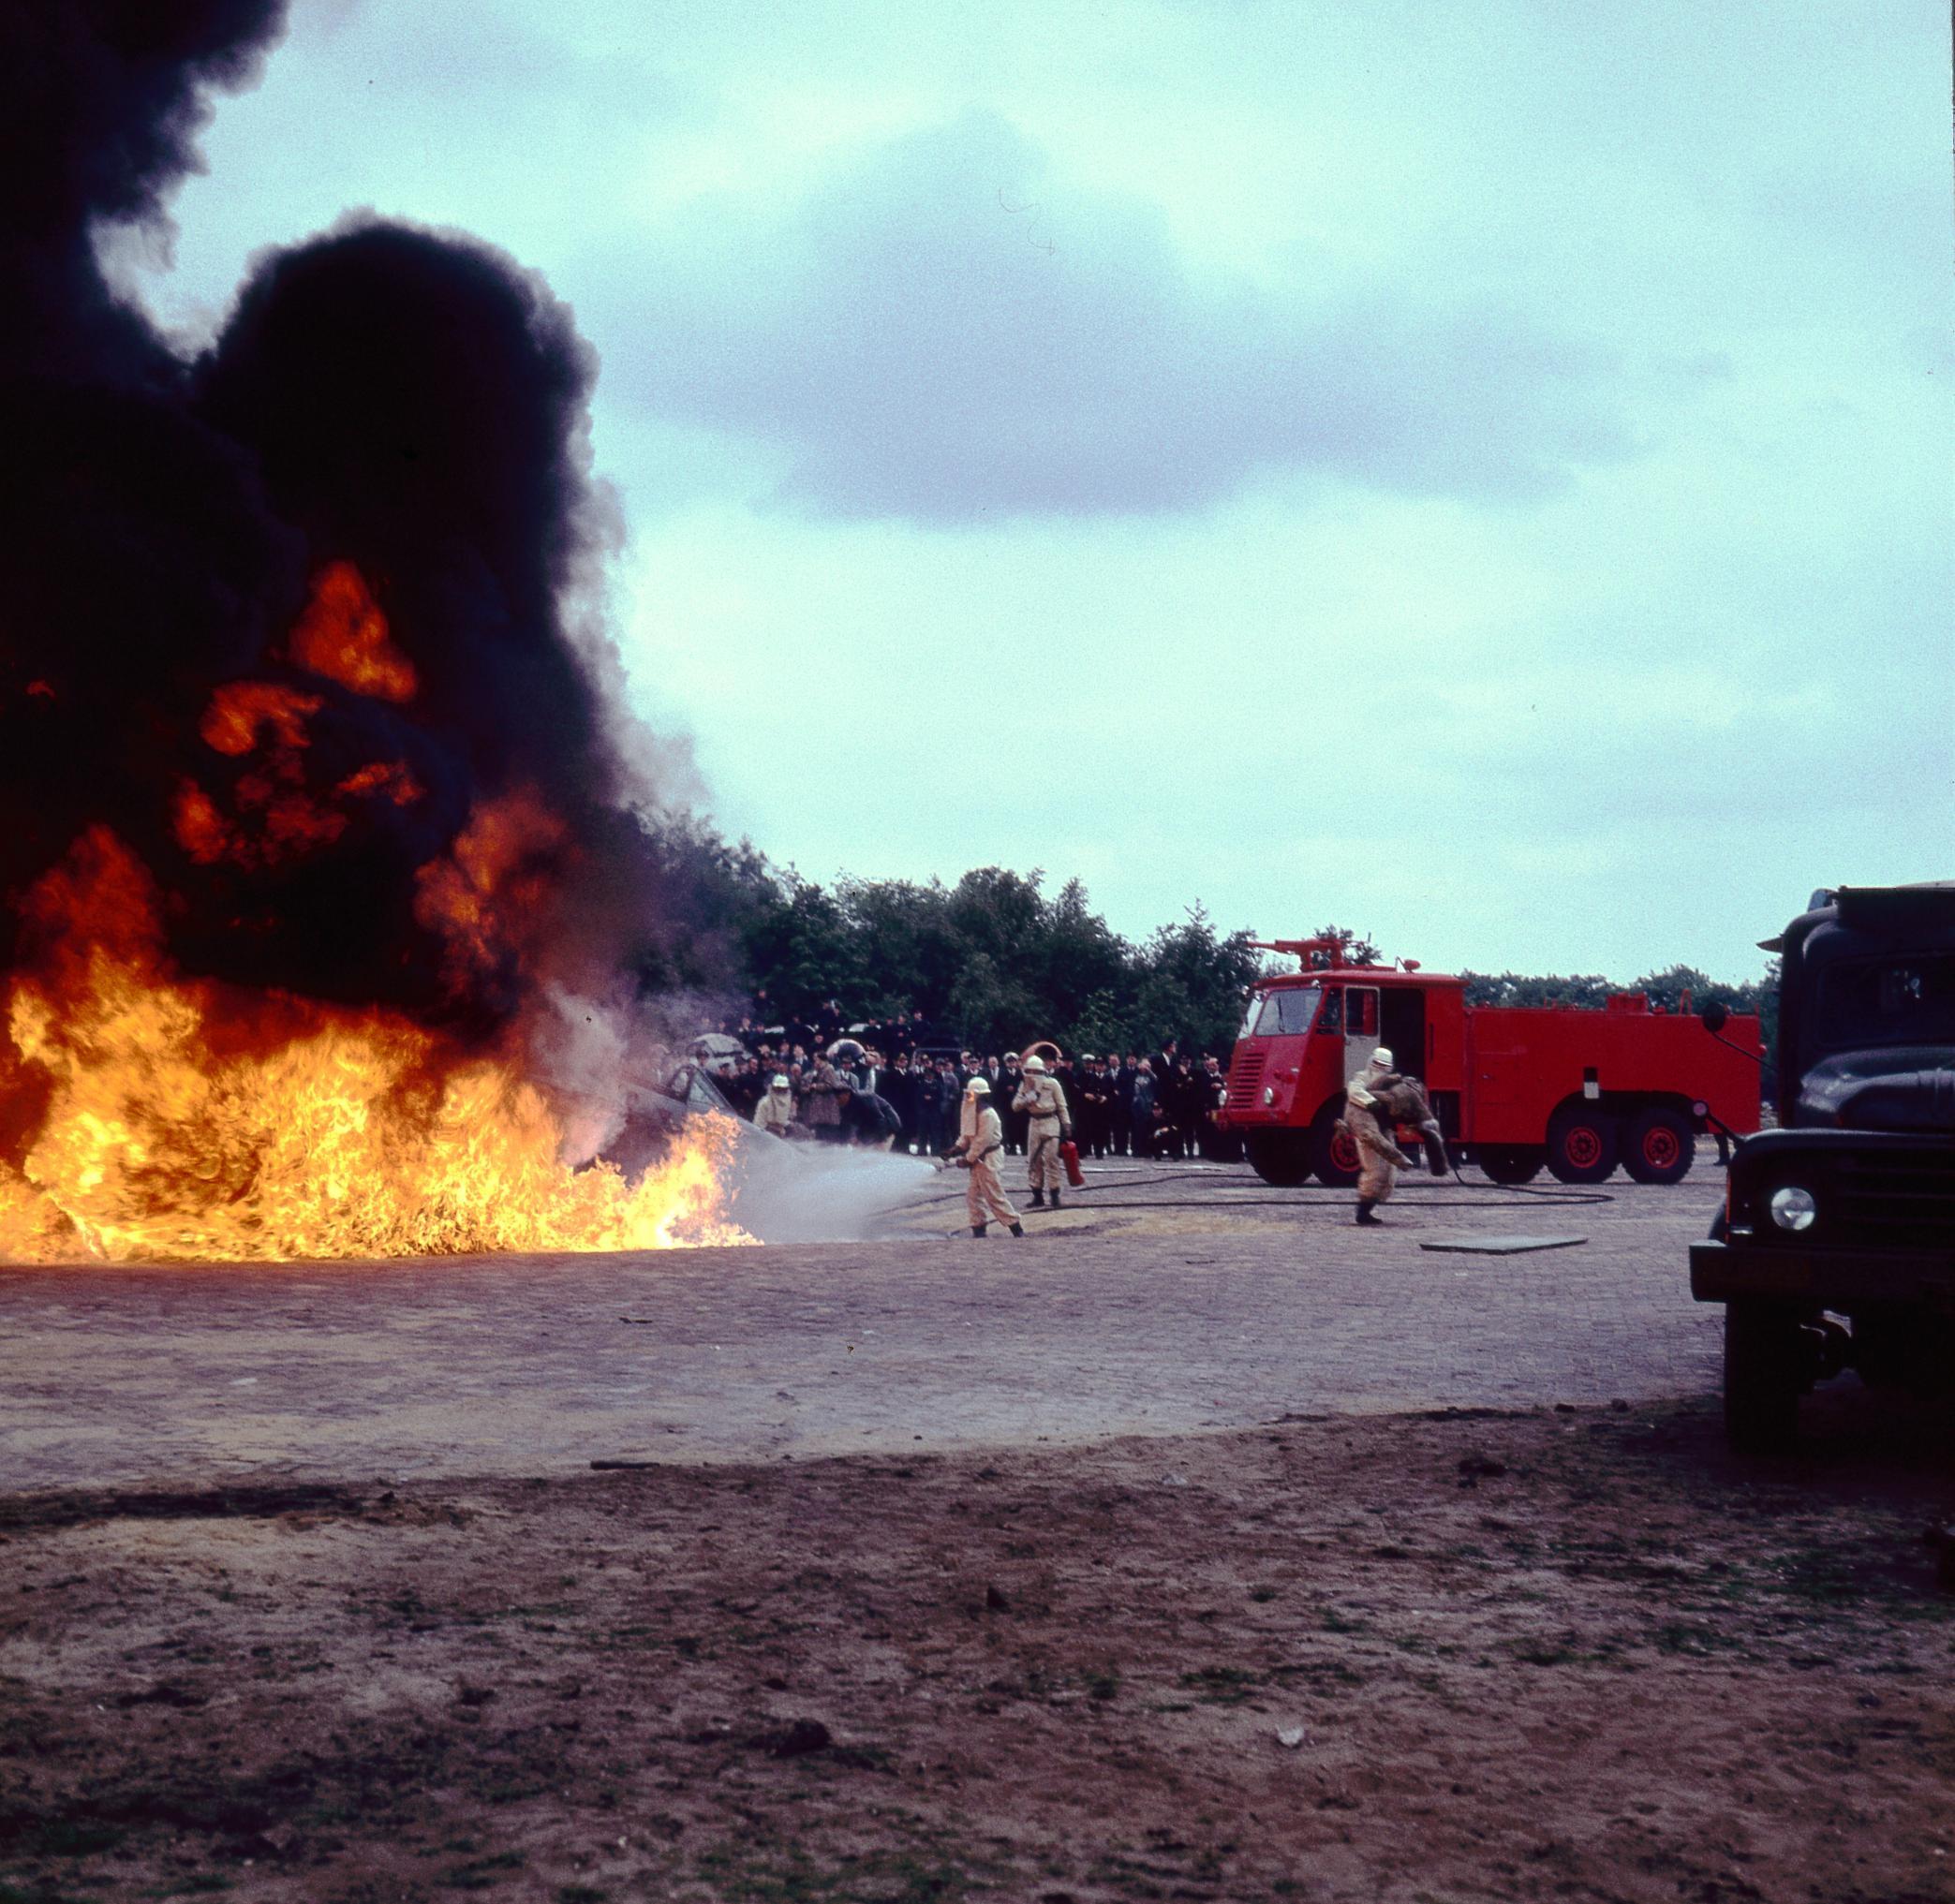 Naam: brandweer072.jpg Bekeken: 353 Grootte: 491,6 KB